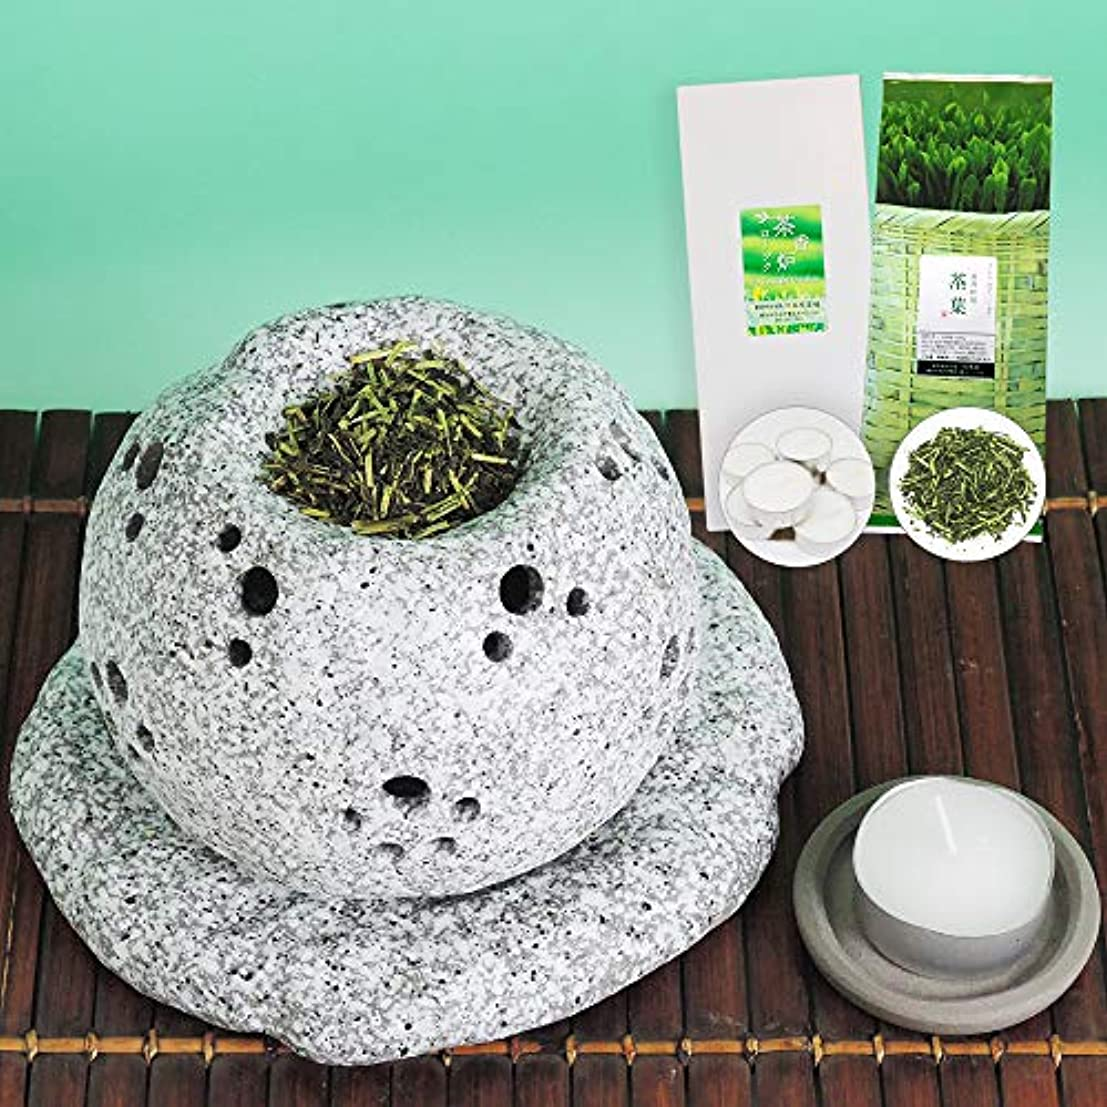 必需品緊張散文元祖 茶香炉セット 茶香炉専用茶葉&ローソク付 川本屋茶舗